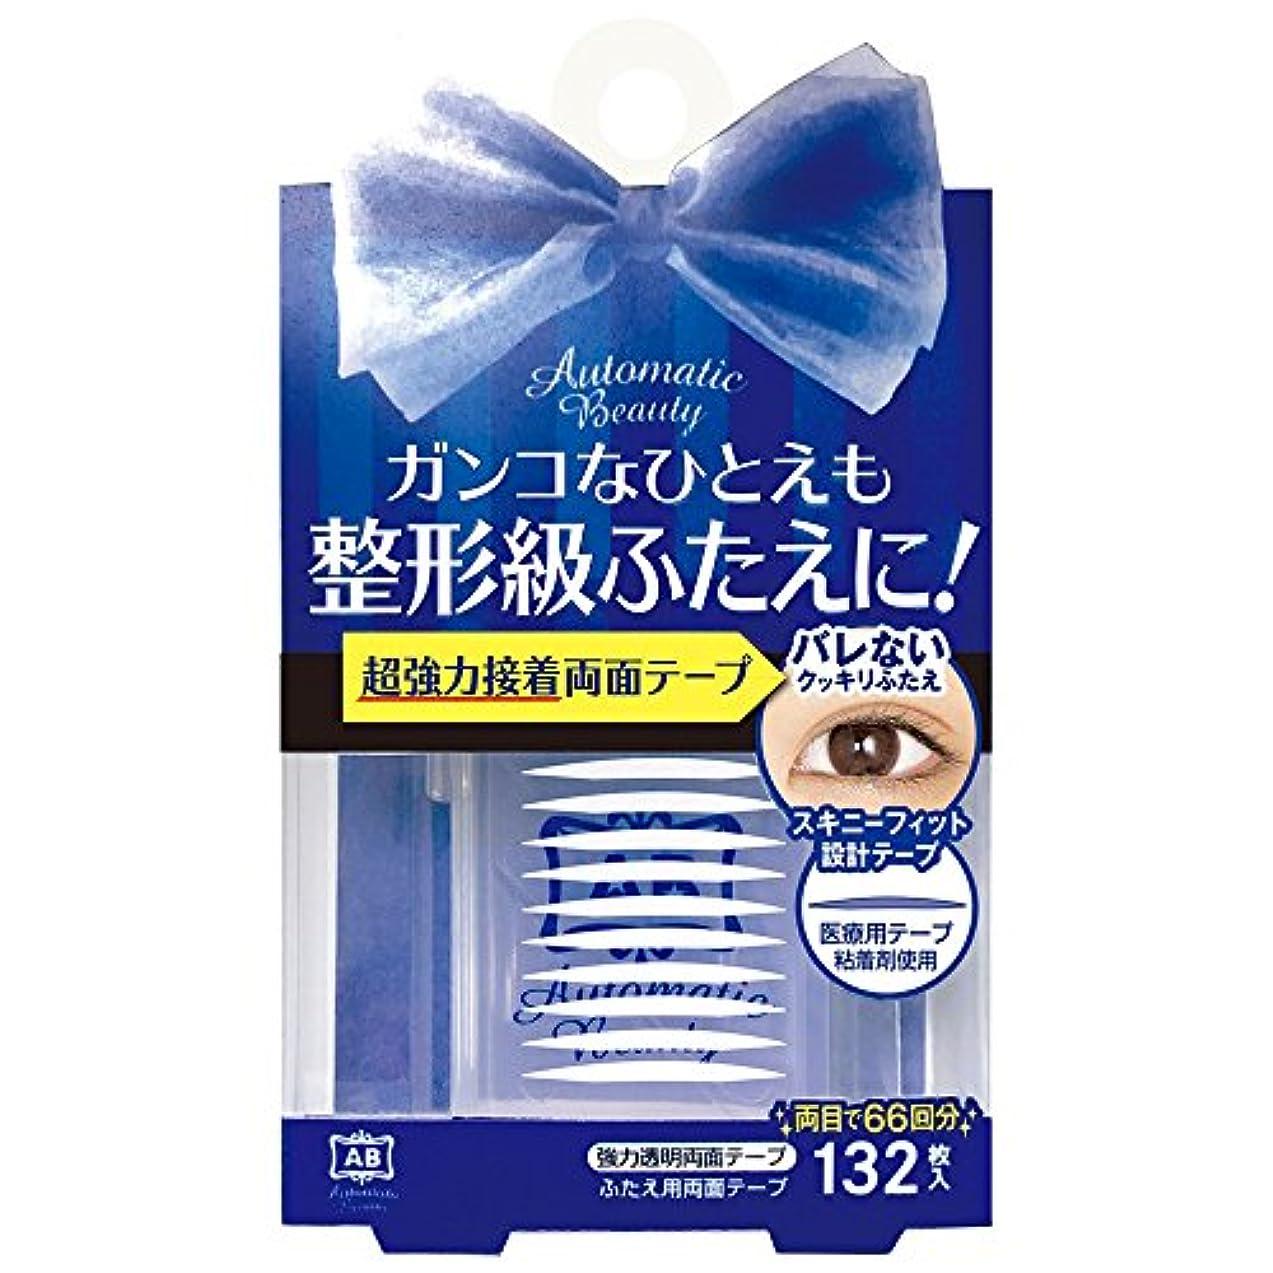 衝撃孤独な美容師AB(オートマティックビューティ) ふたえ用両面テープ AB-YZ (132枚入)